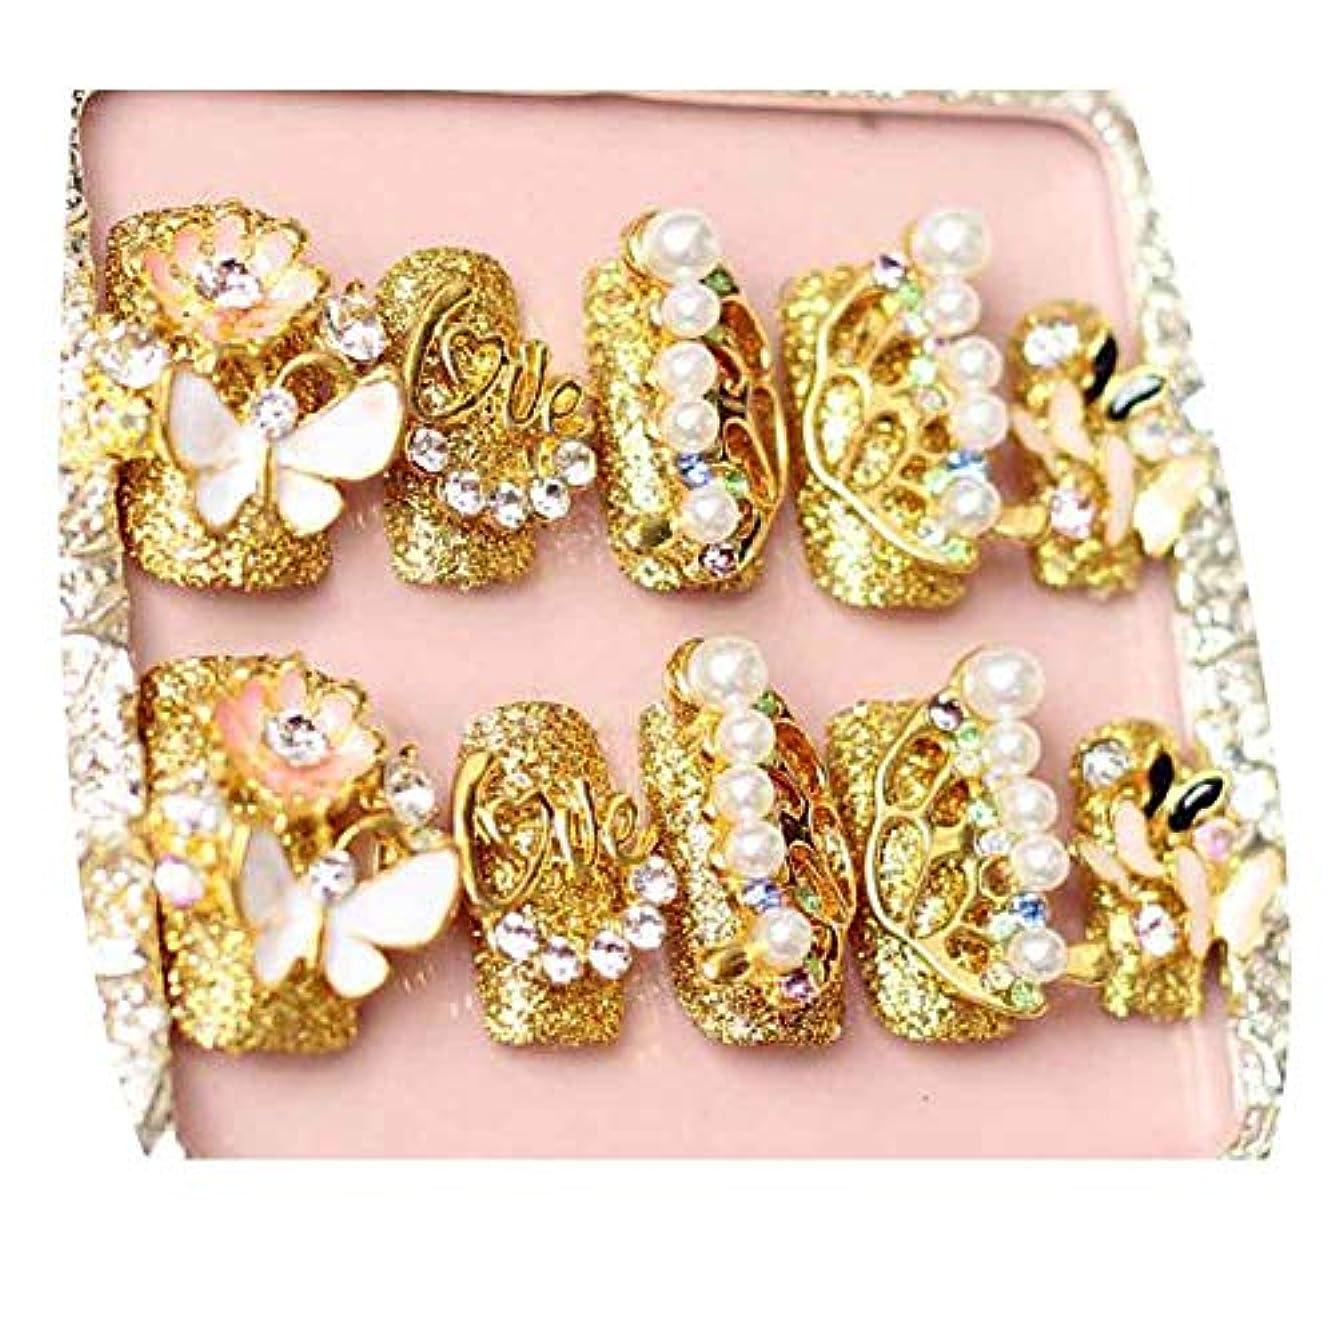 トライアスロン宙返り配管工蝶 - ゴールドカラー偽爪結婚式人工爪のヒントビーズネイルアート